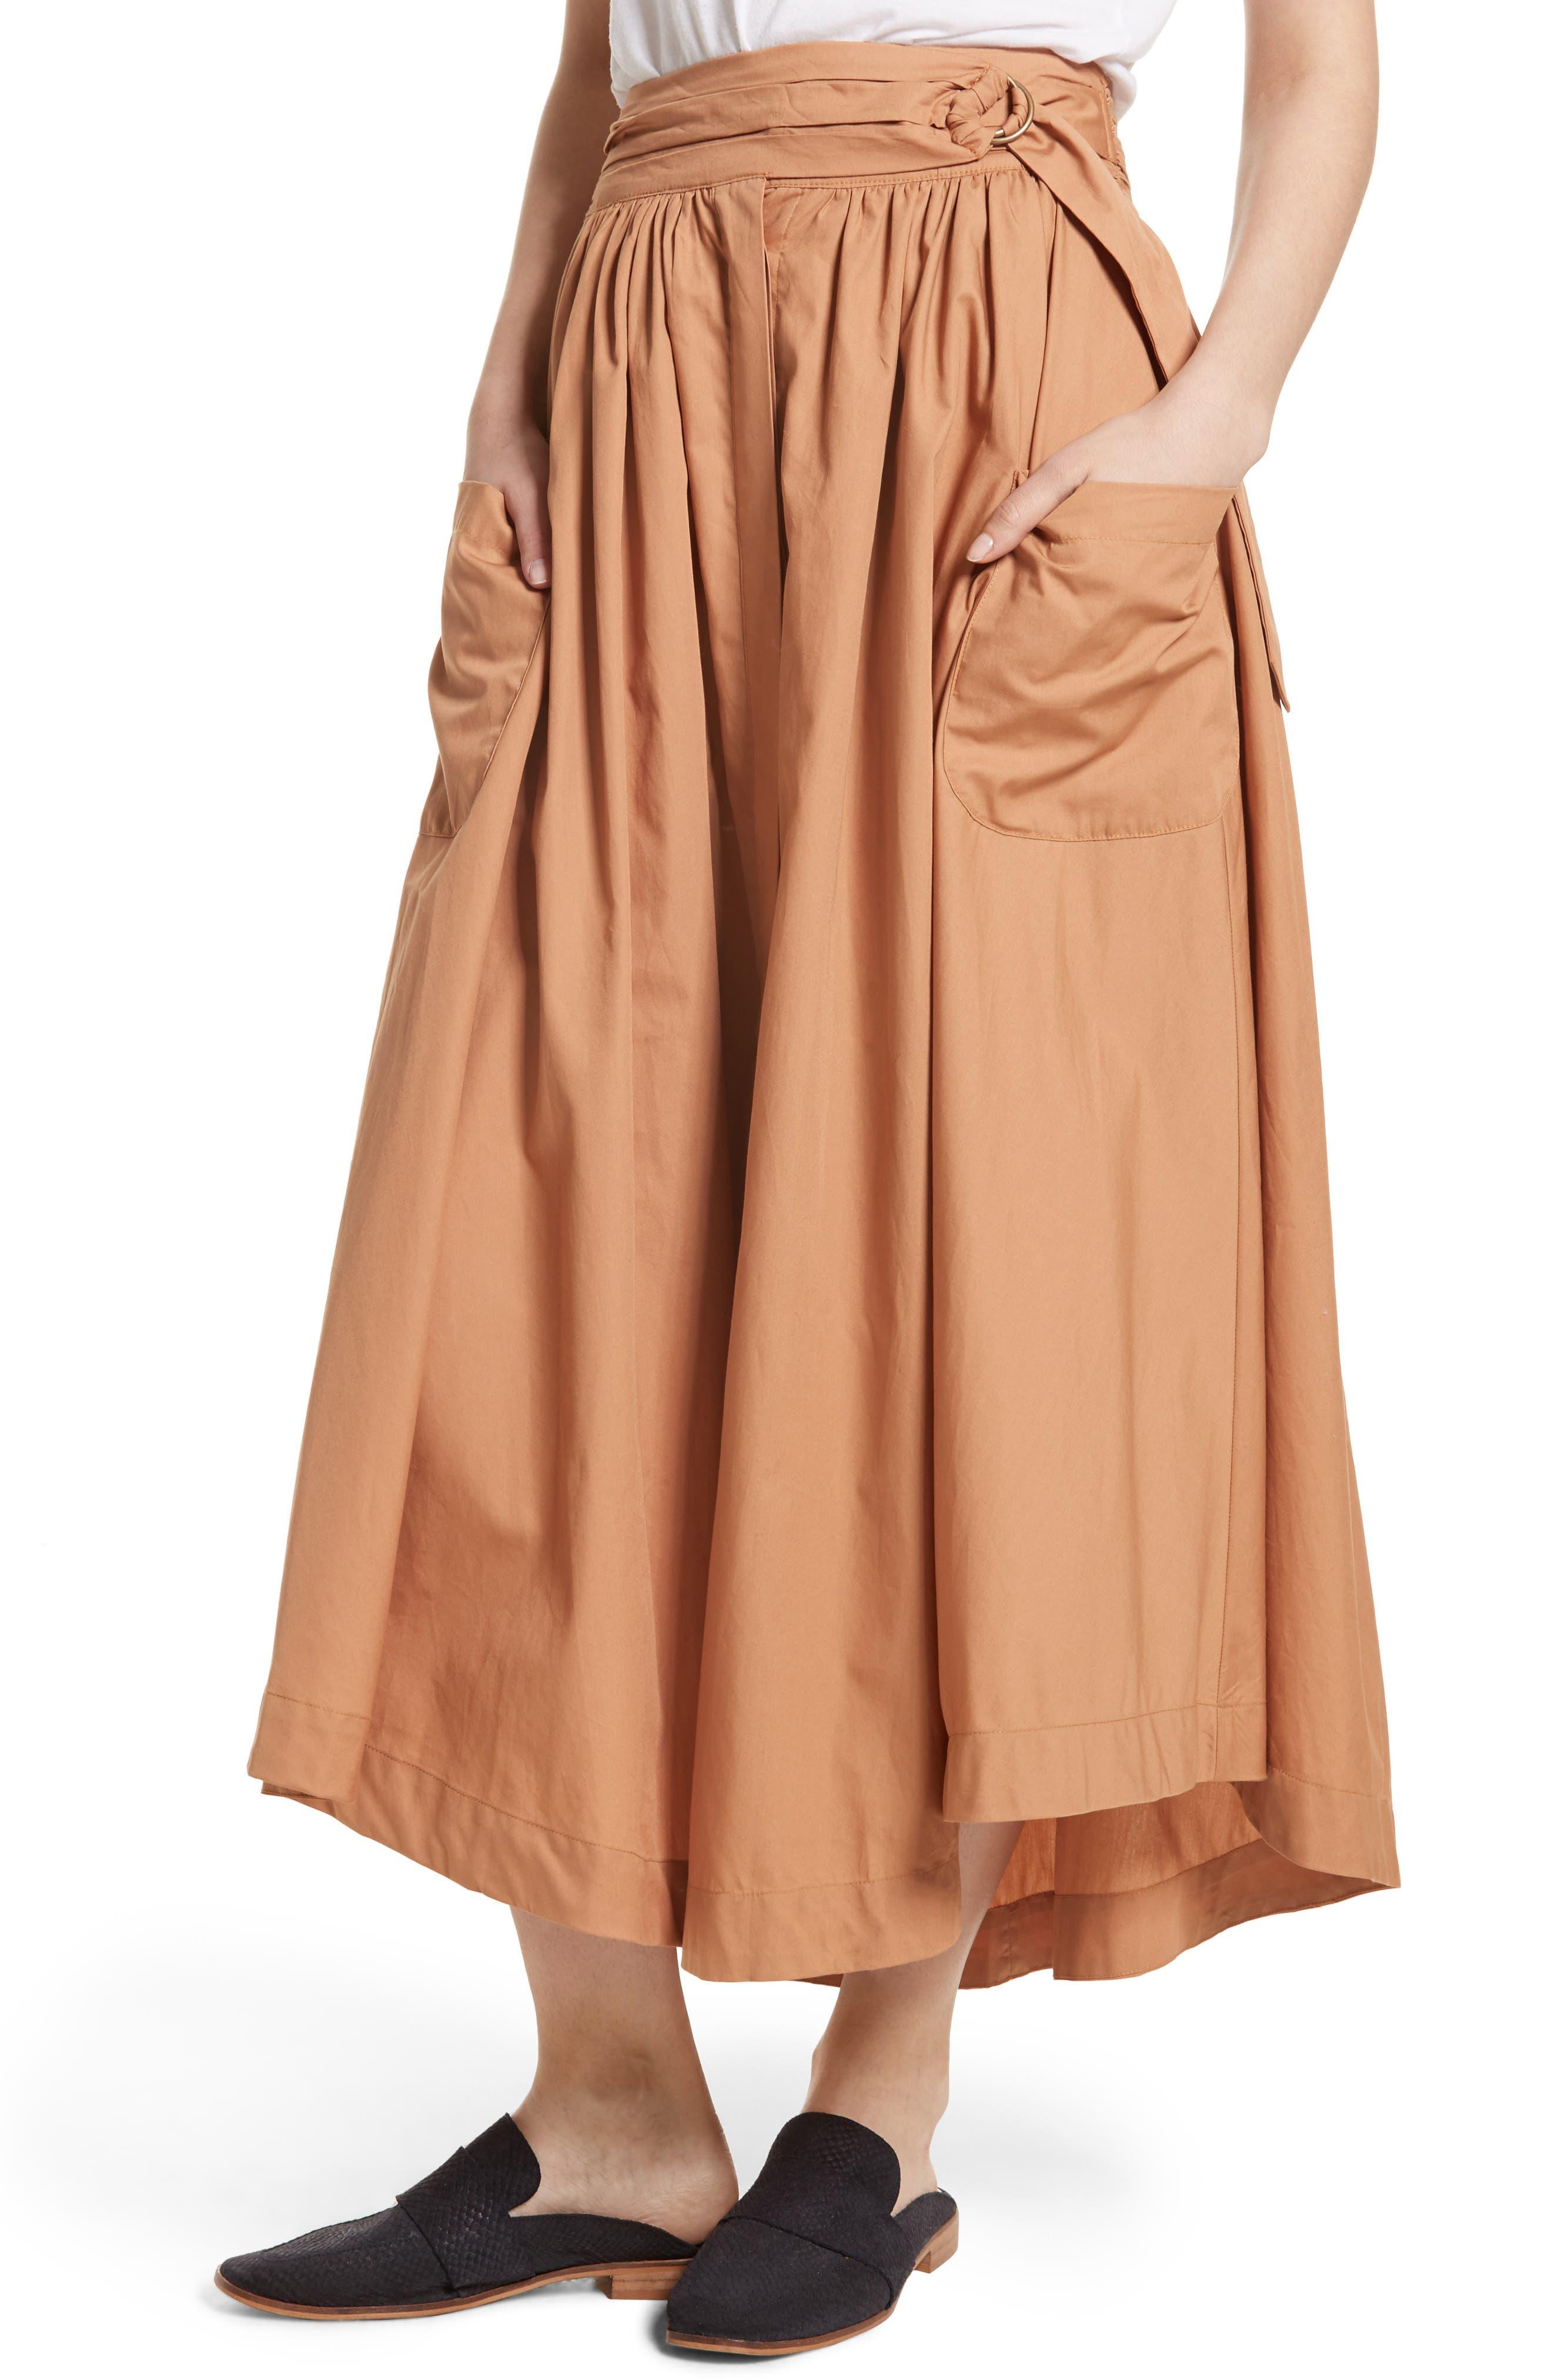 Dream of Me Midi Skirt,                             Alternate thumbnail 4, color,                             230